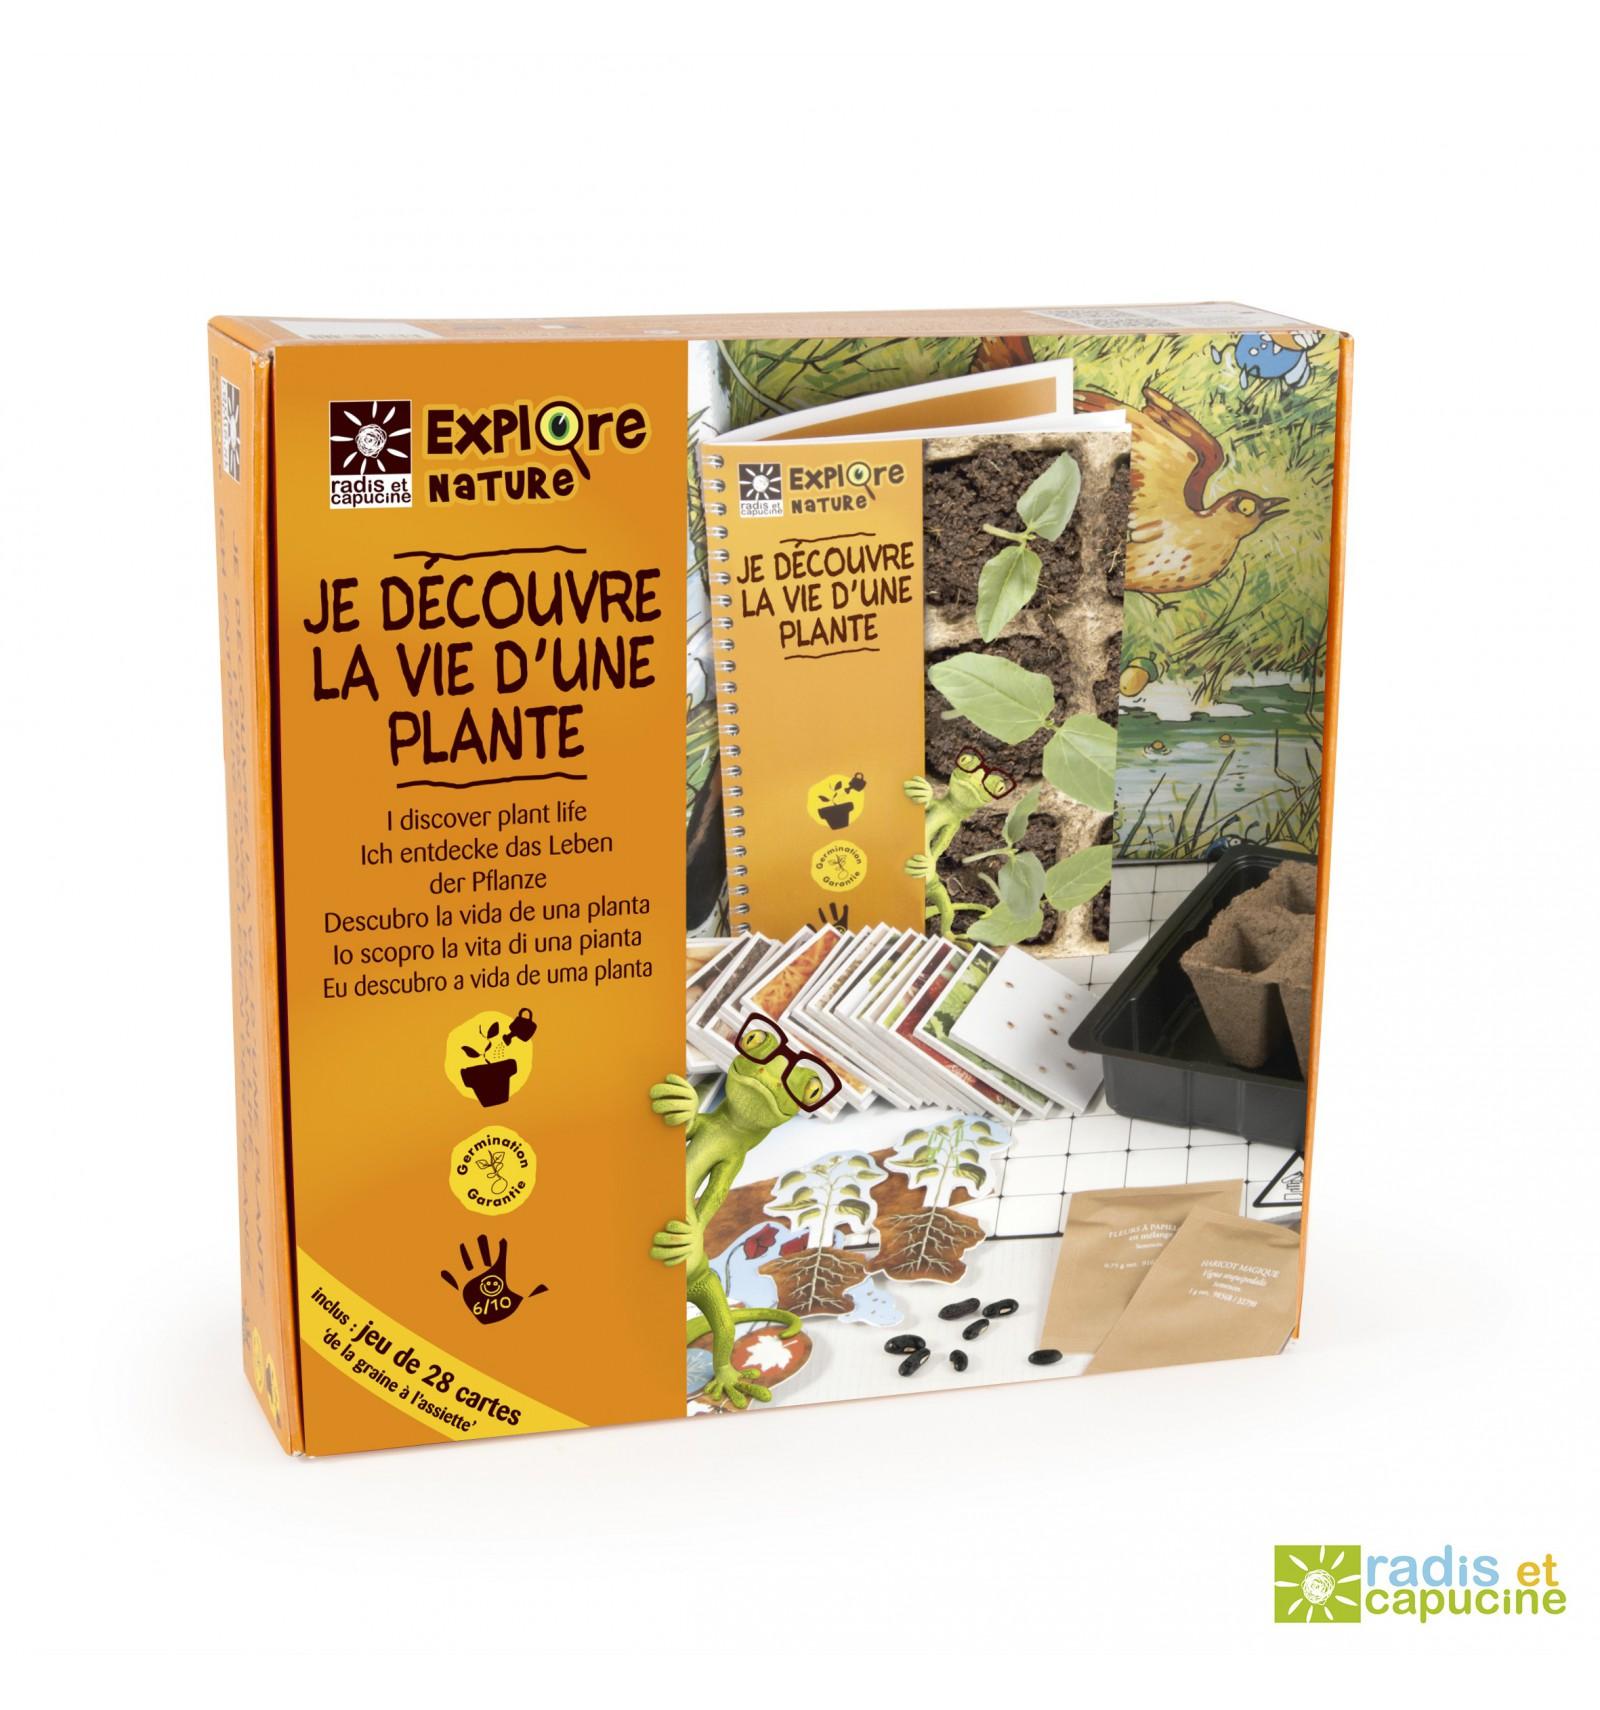 Mini zahrádka - Veselý box s květináčky - Objev život rostlin